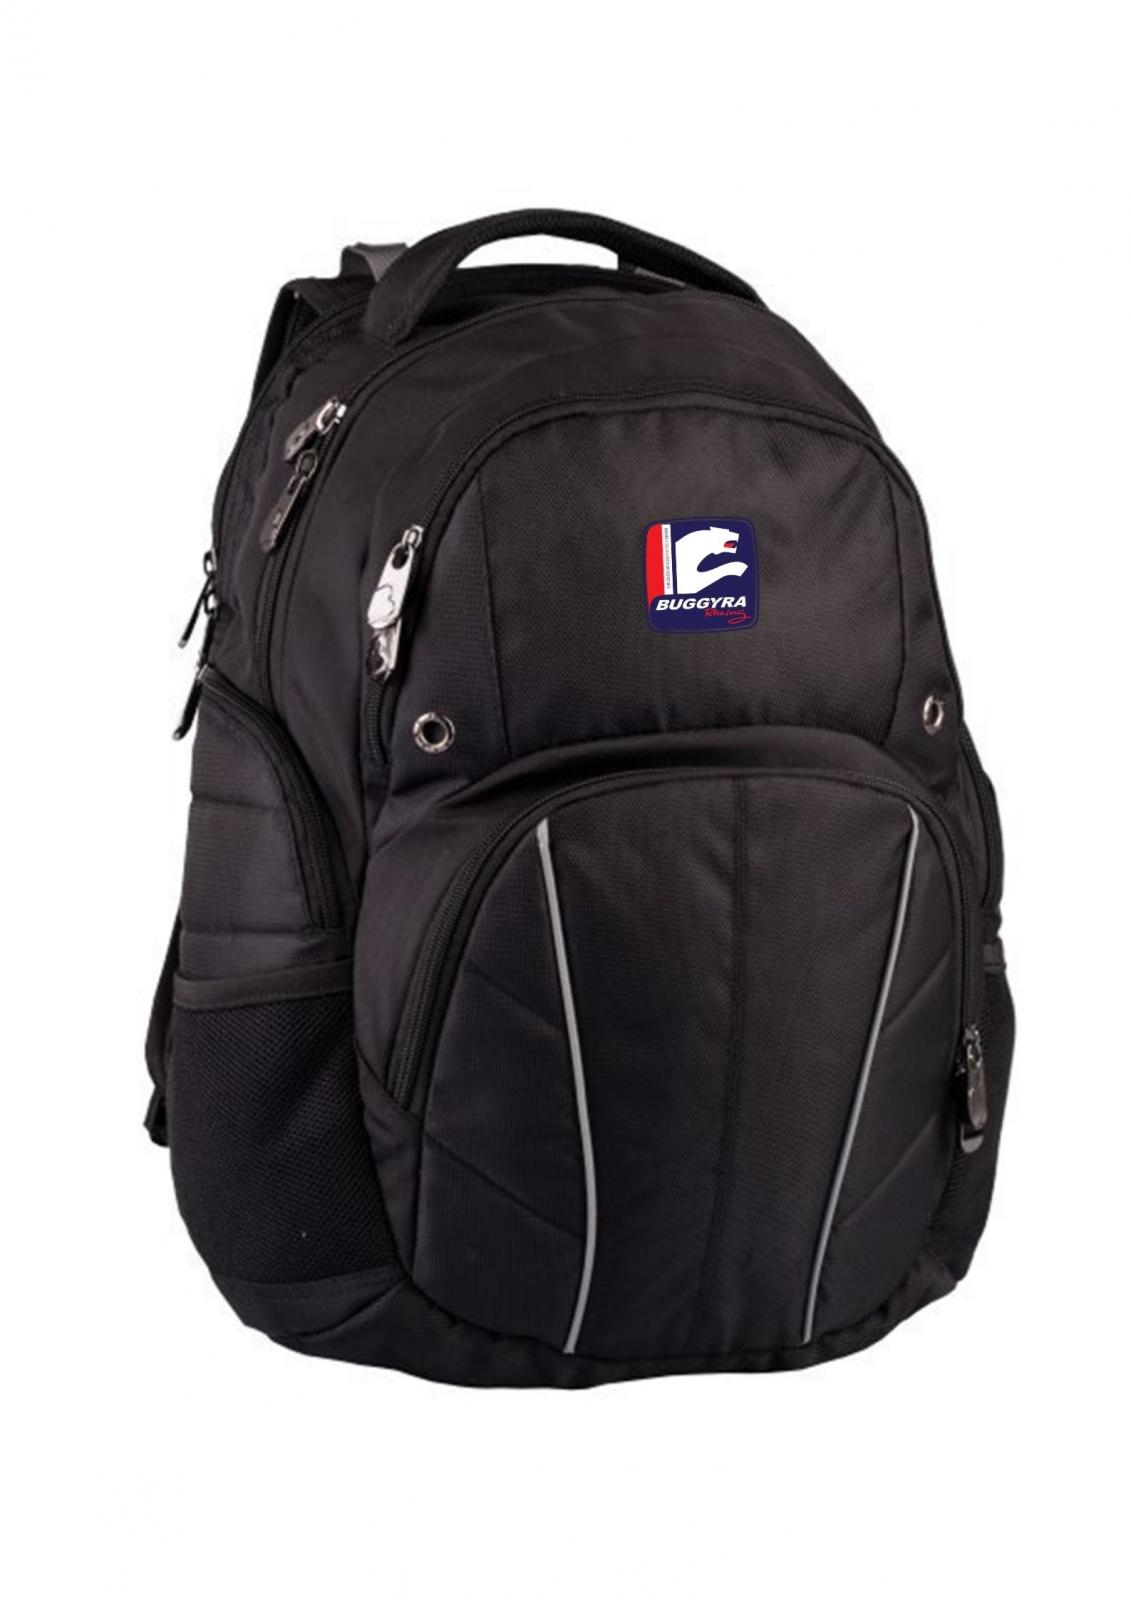 Backpack 2020